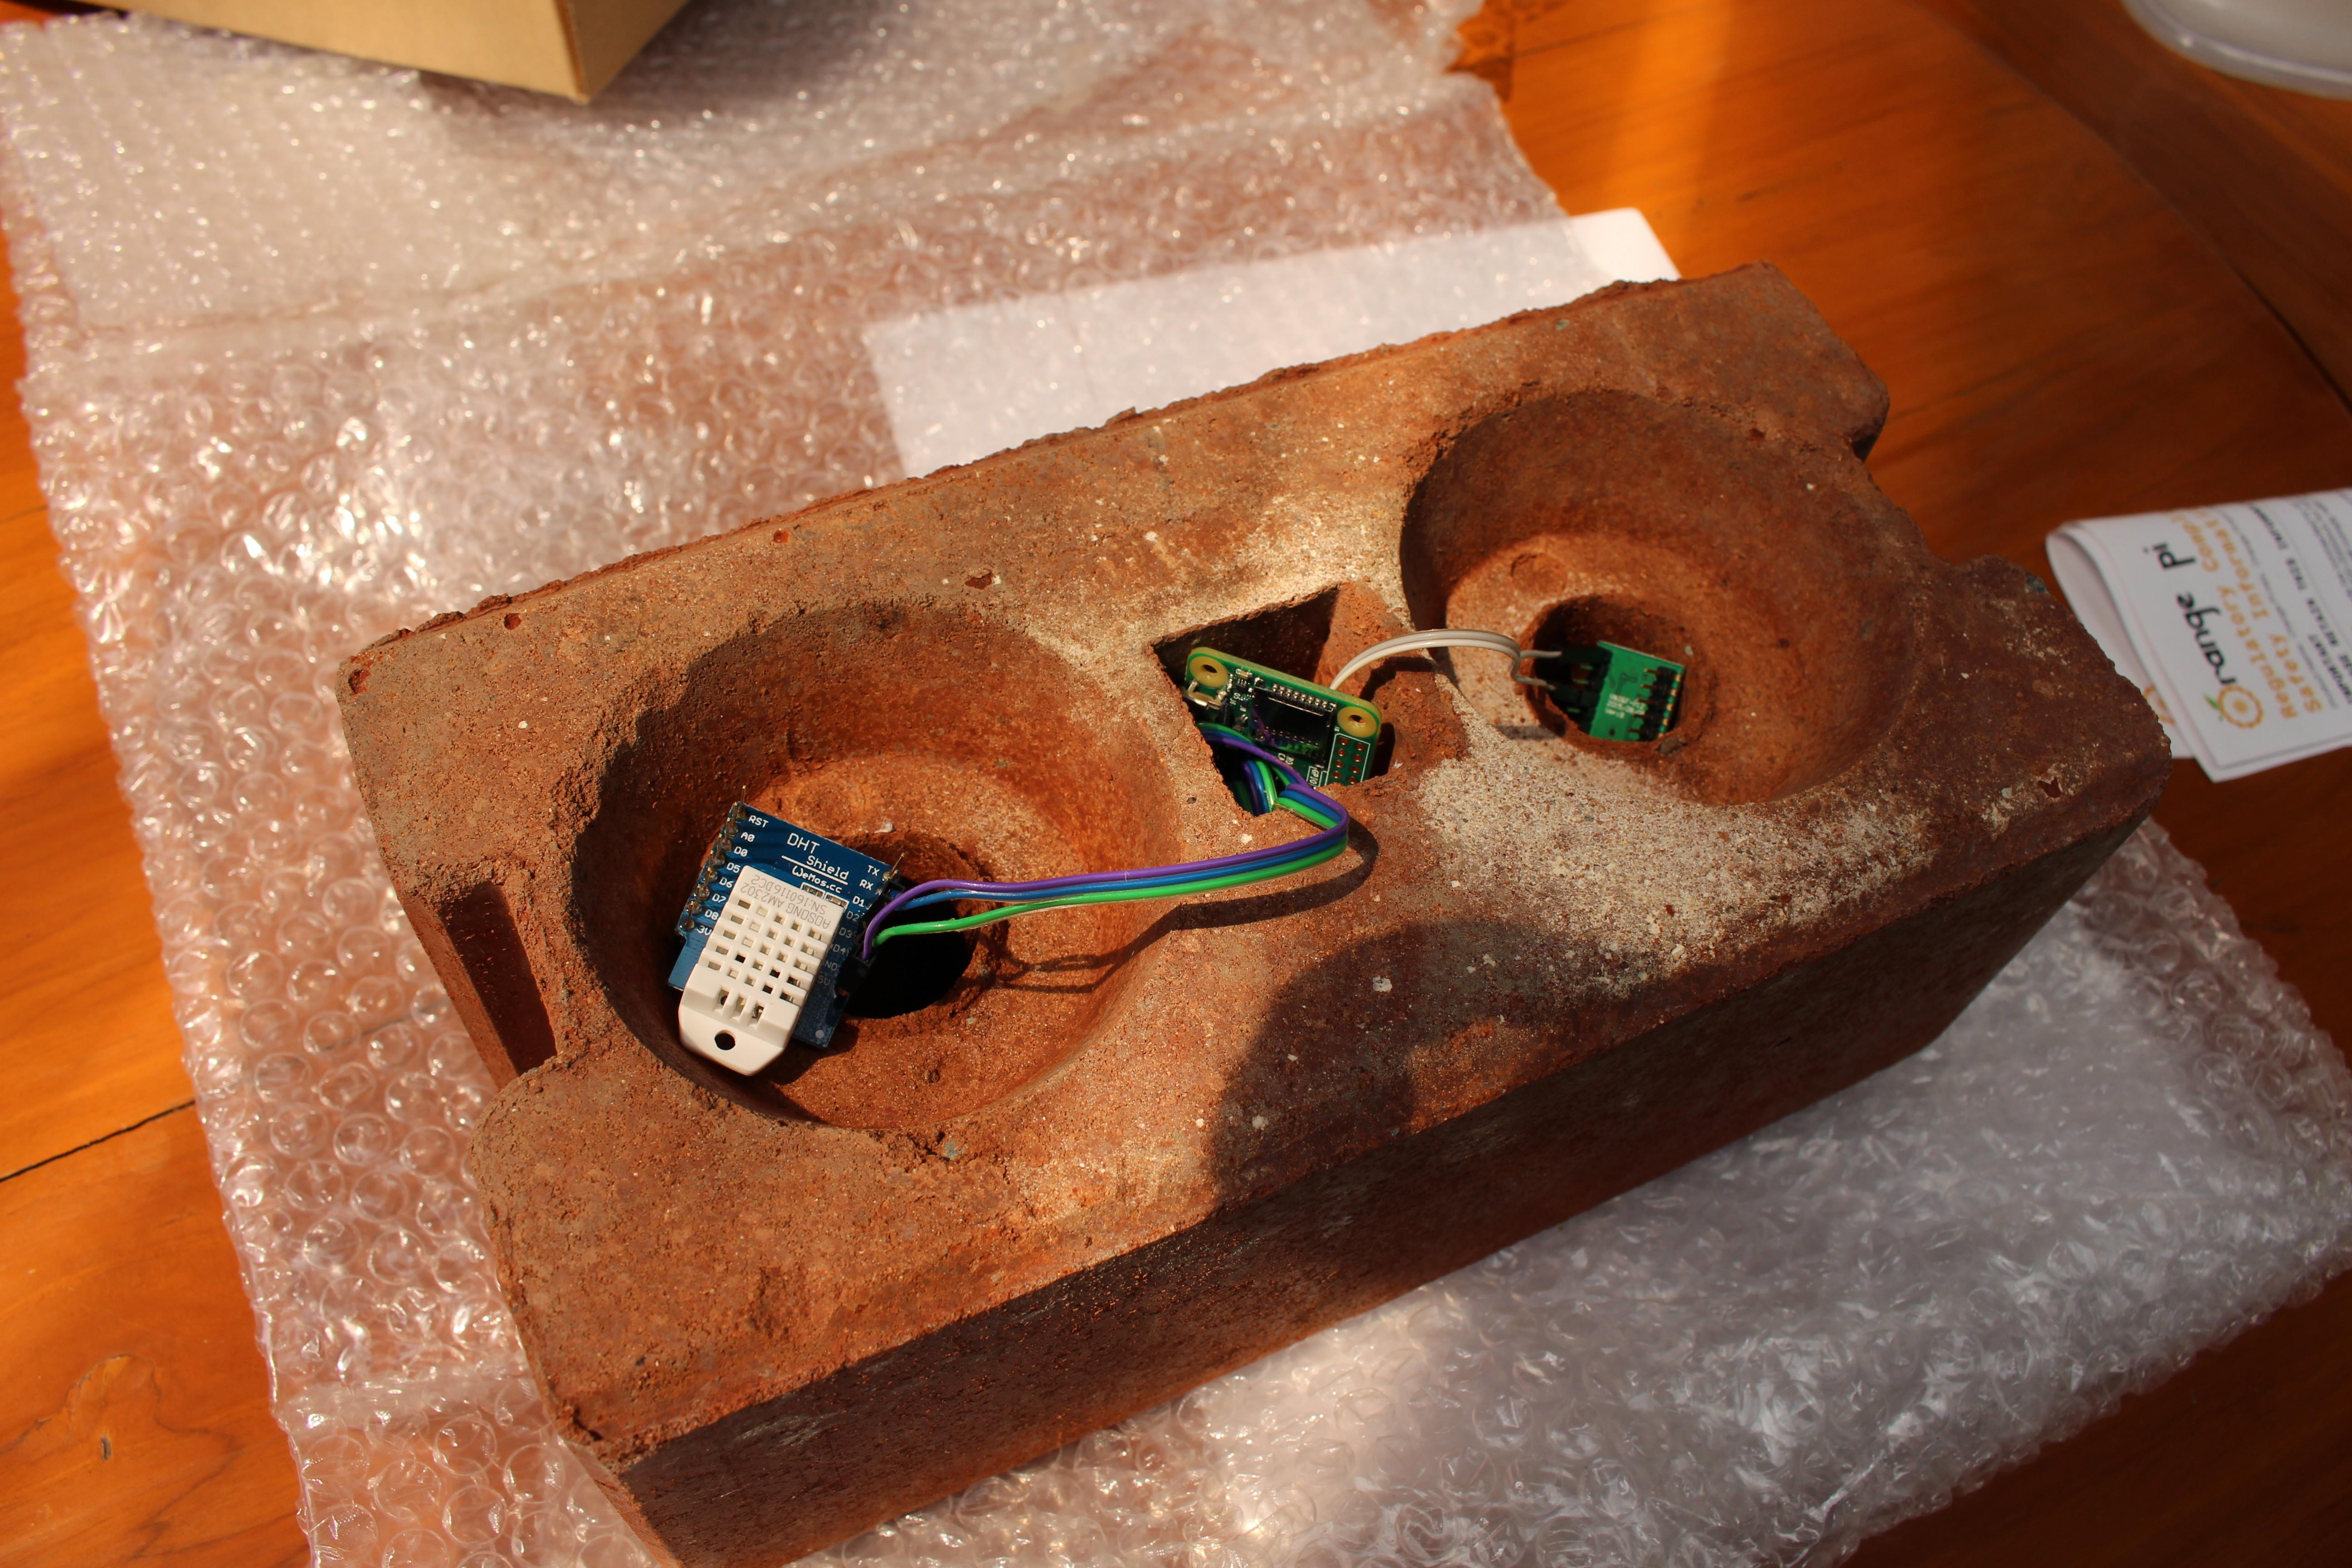 Orange Pi Brick is a $1 Raspberry Pi Zero Compatible Smart Block